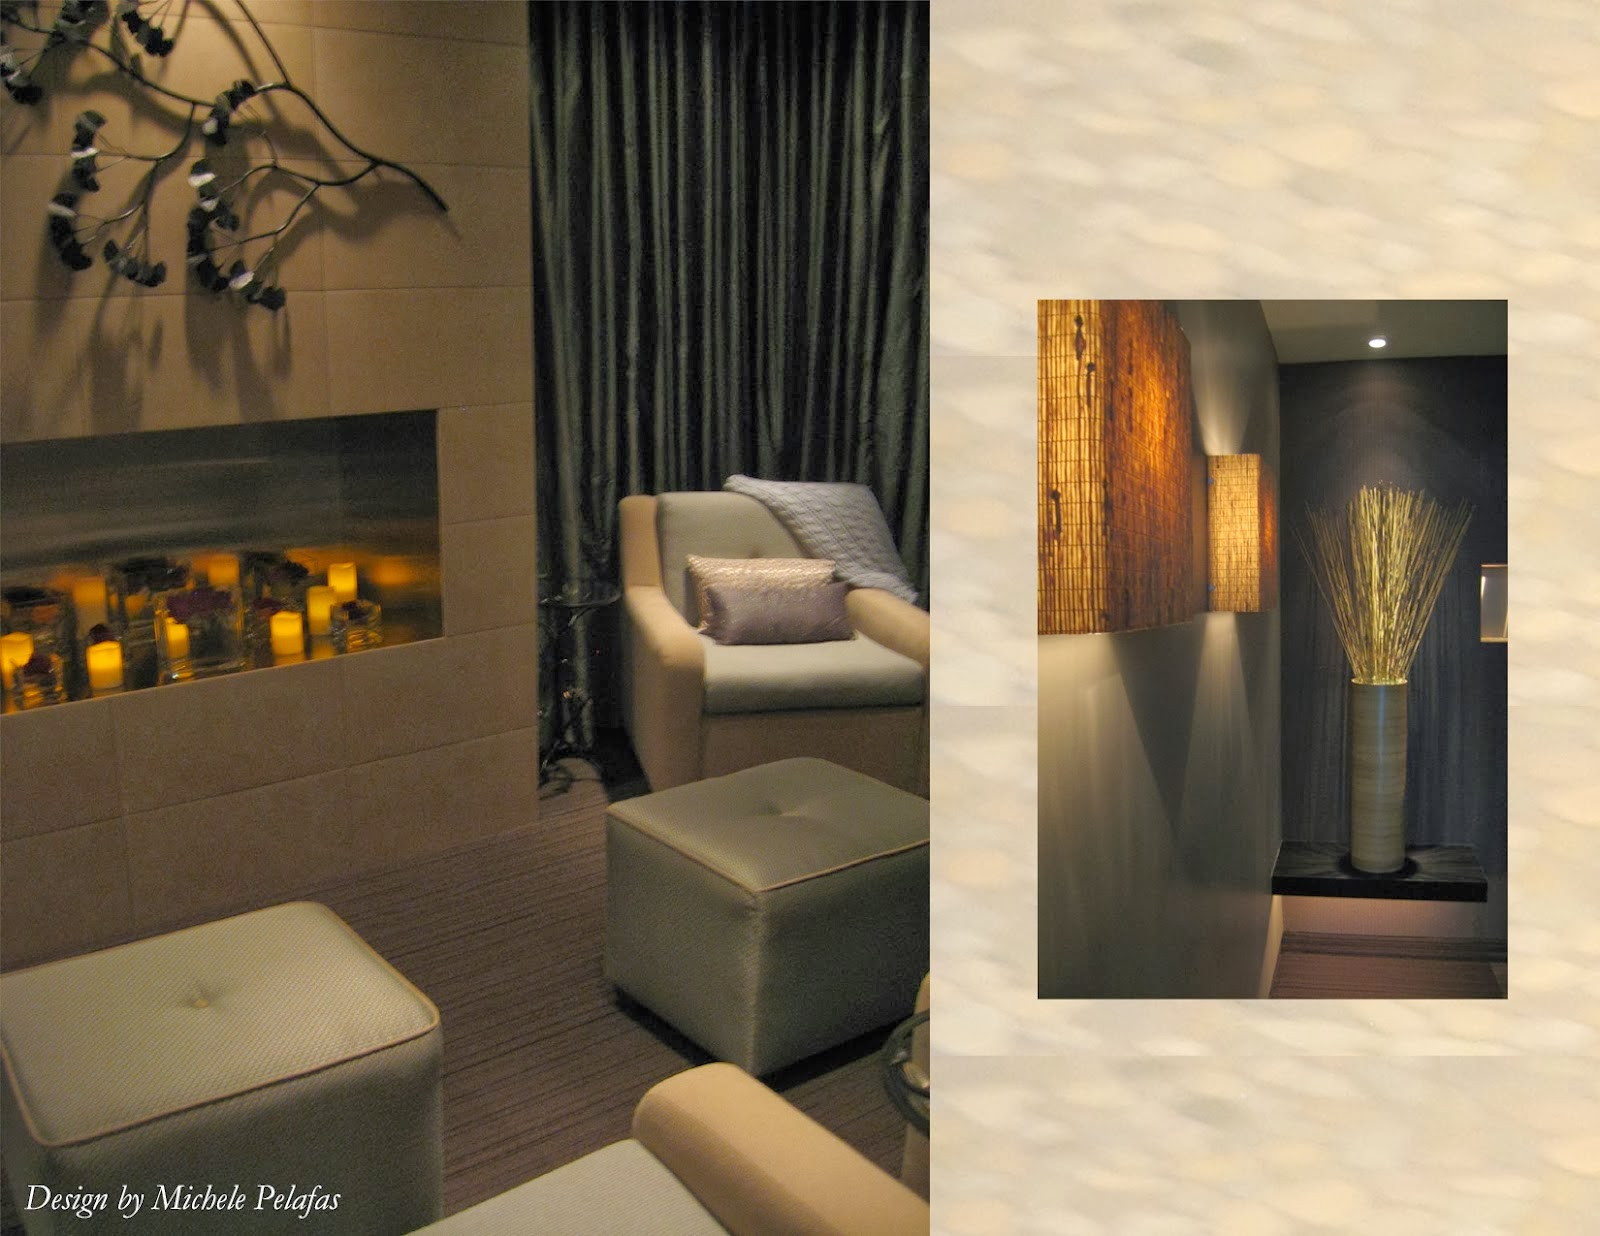 Michele Pelafas: Spa Design